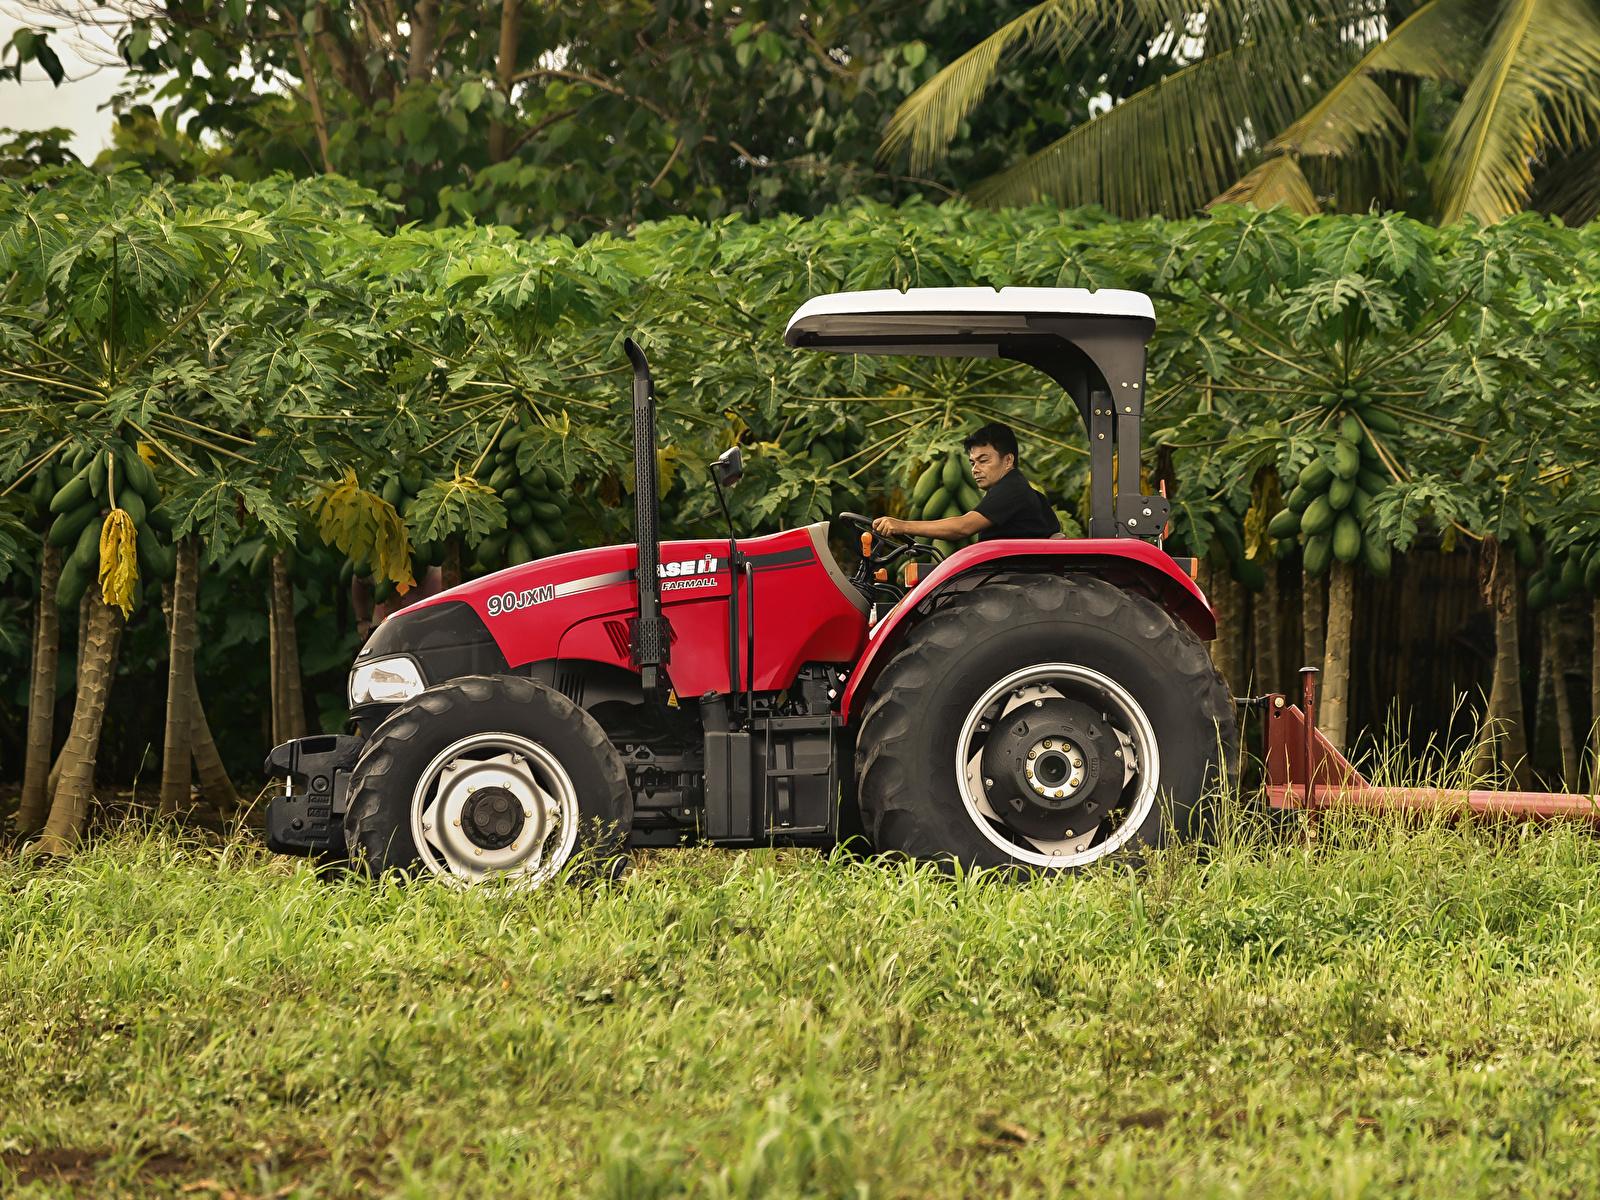 Картинка Сельскохозяйственная техника трактора 2015-19 Case IH Farmall 90JXM Сбоку 1600x1200 Трактор тракторы